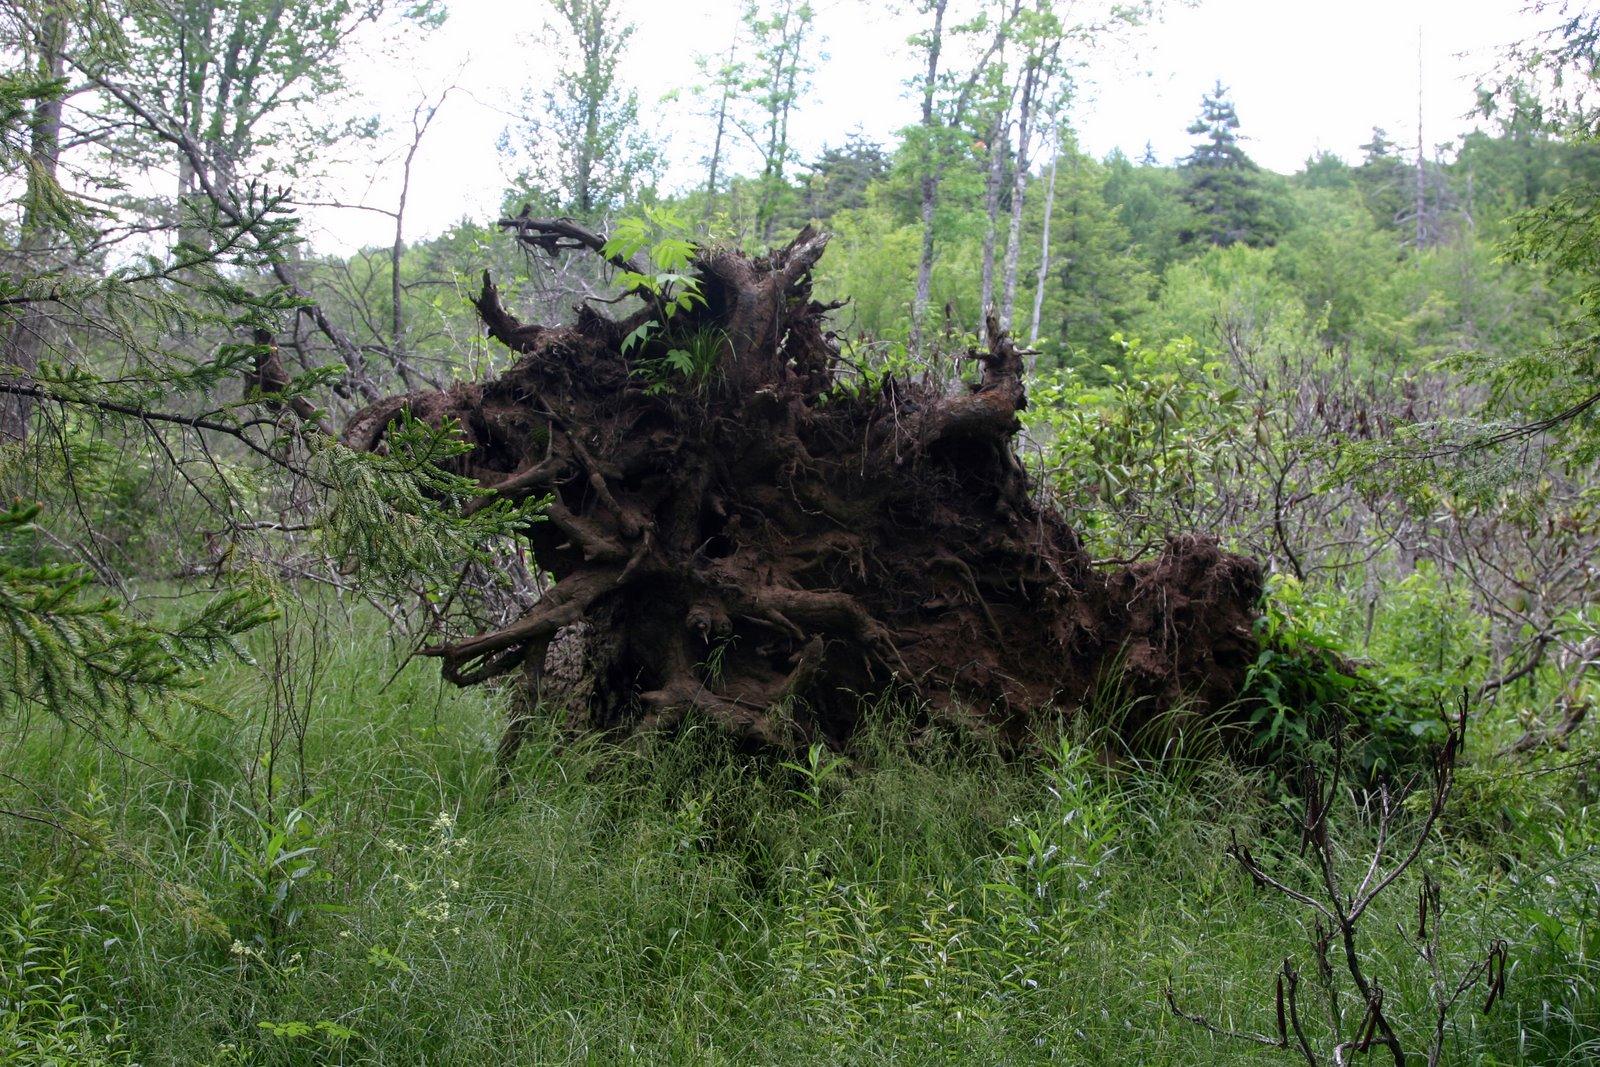 Overturned tree